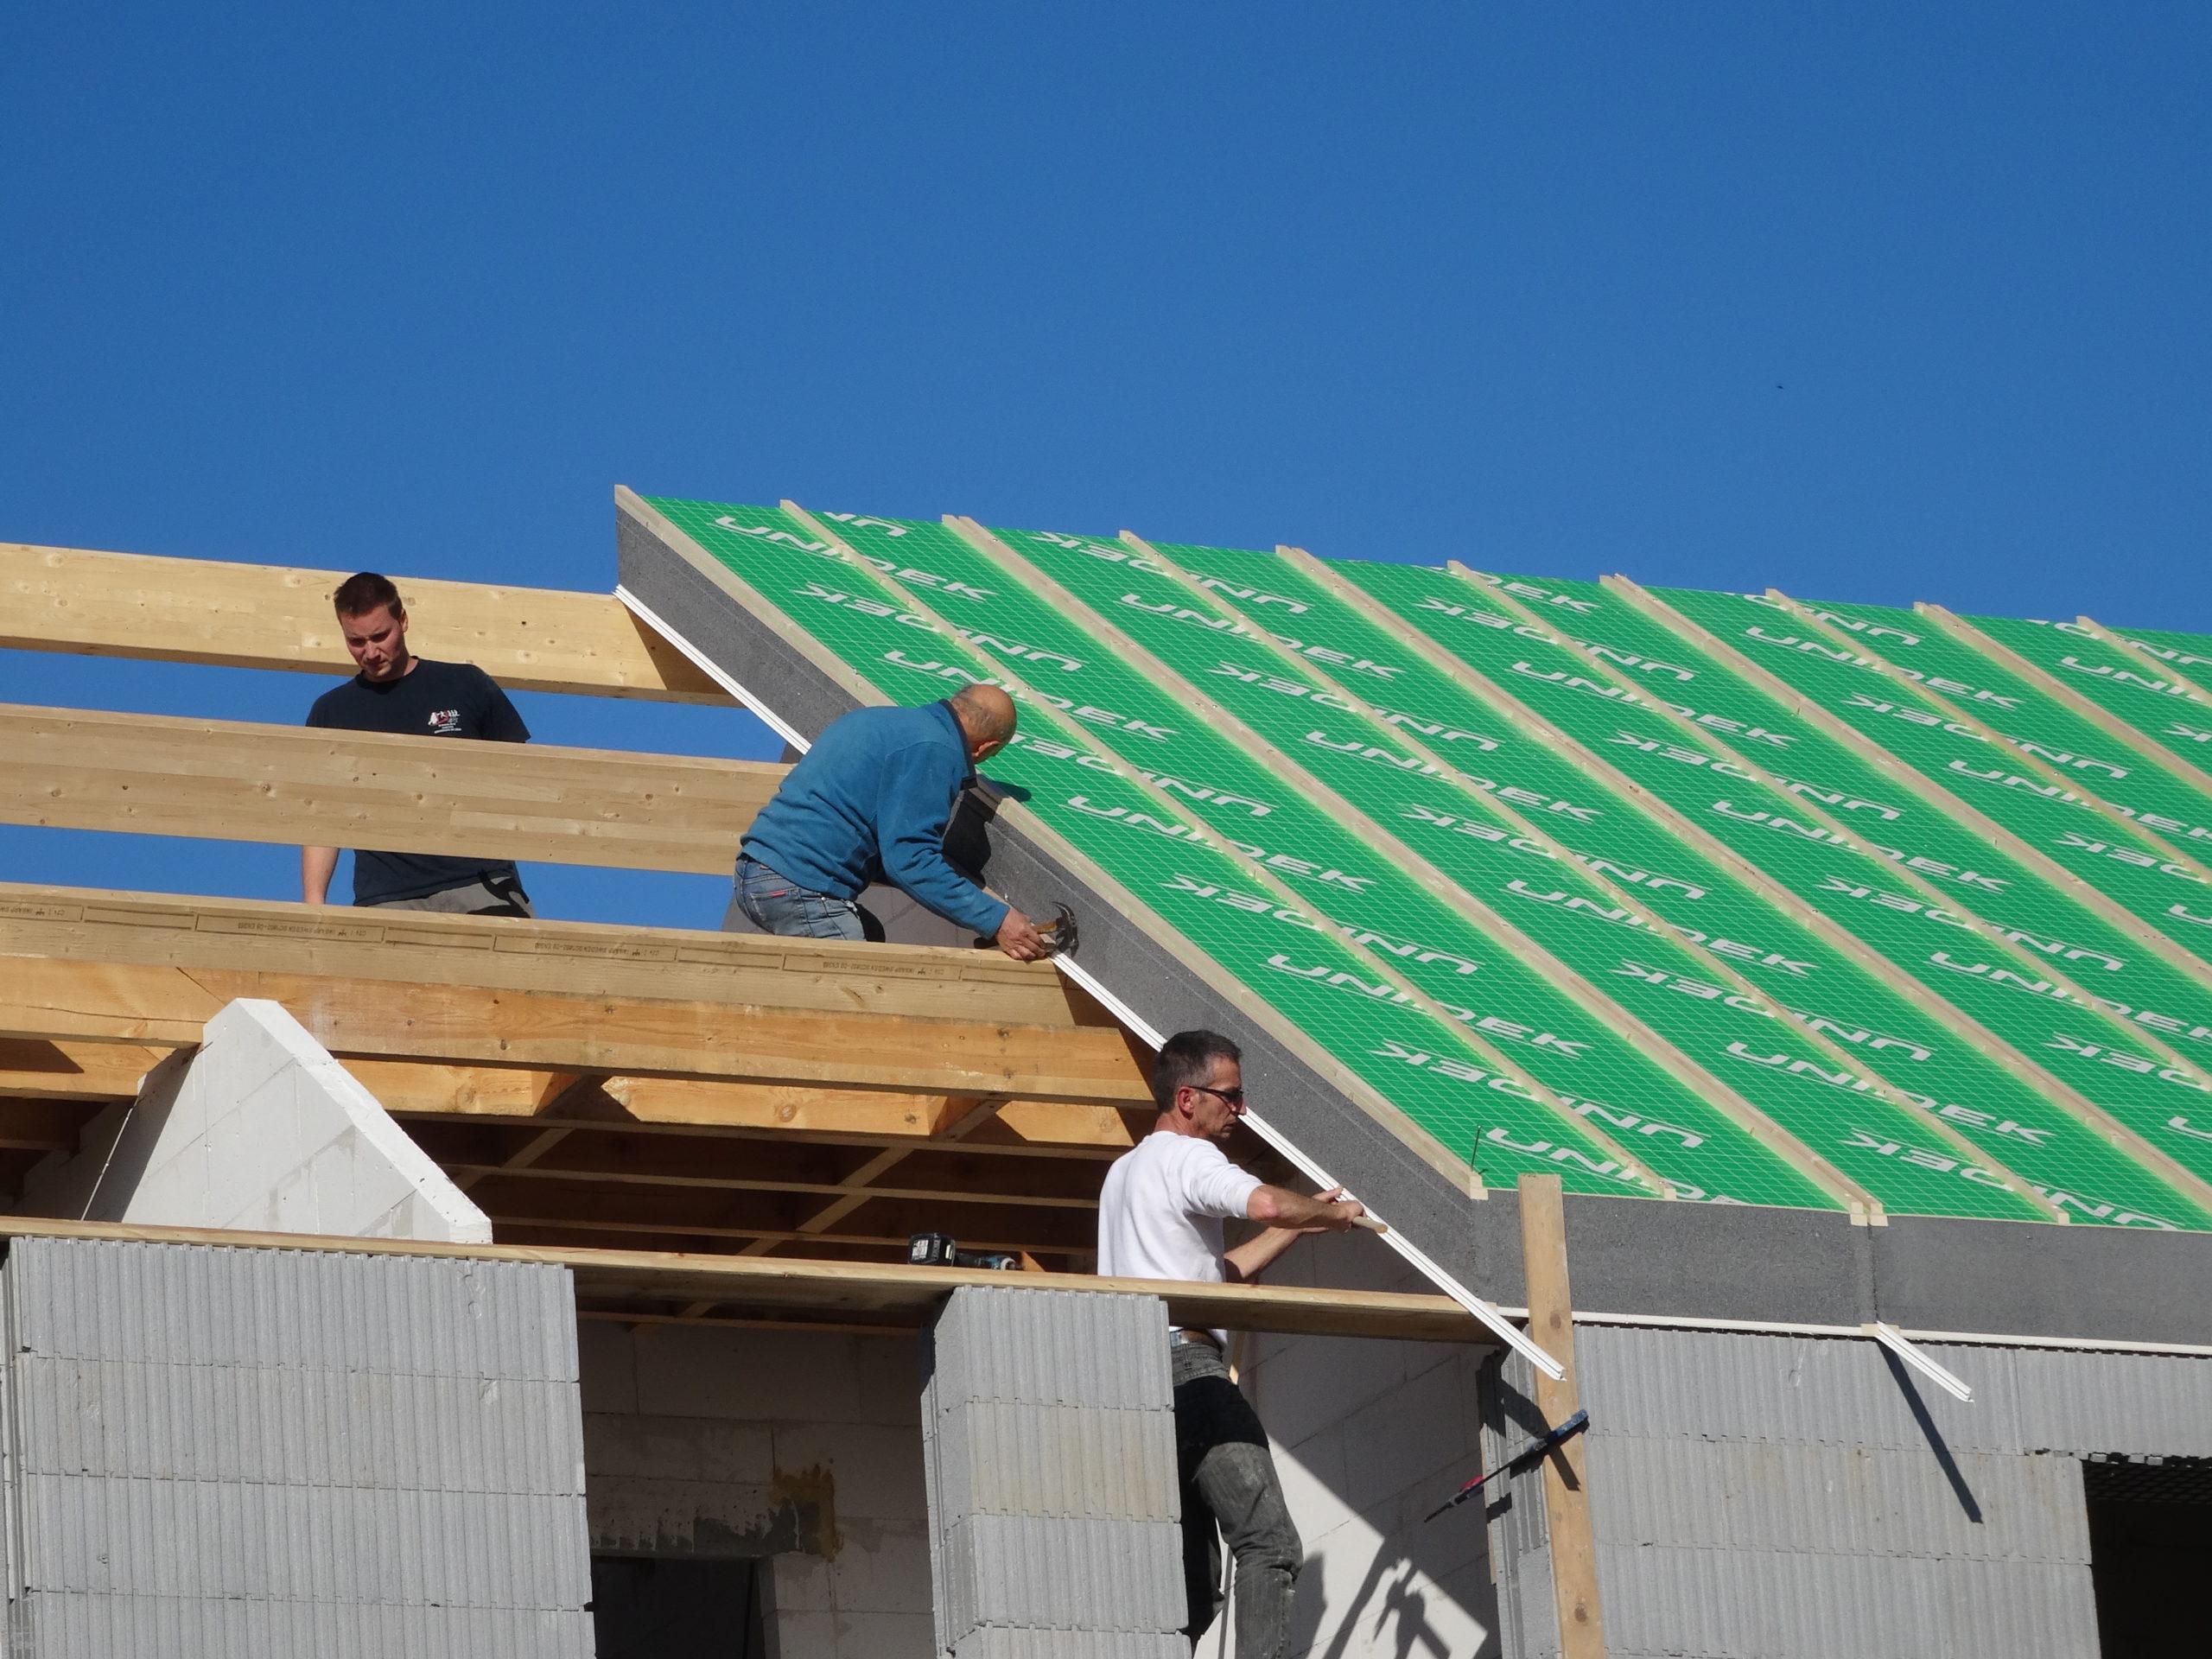 Nouvelle gamme de panneaux auto-portants pour toitures, ainsi que notre ventilation VMC double-flux